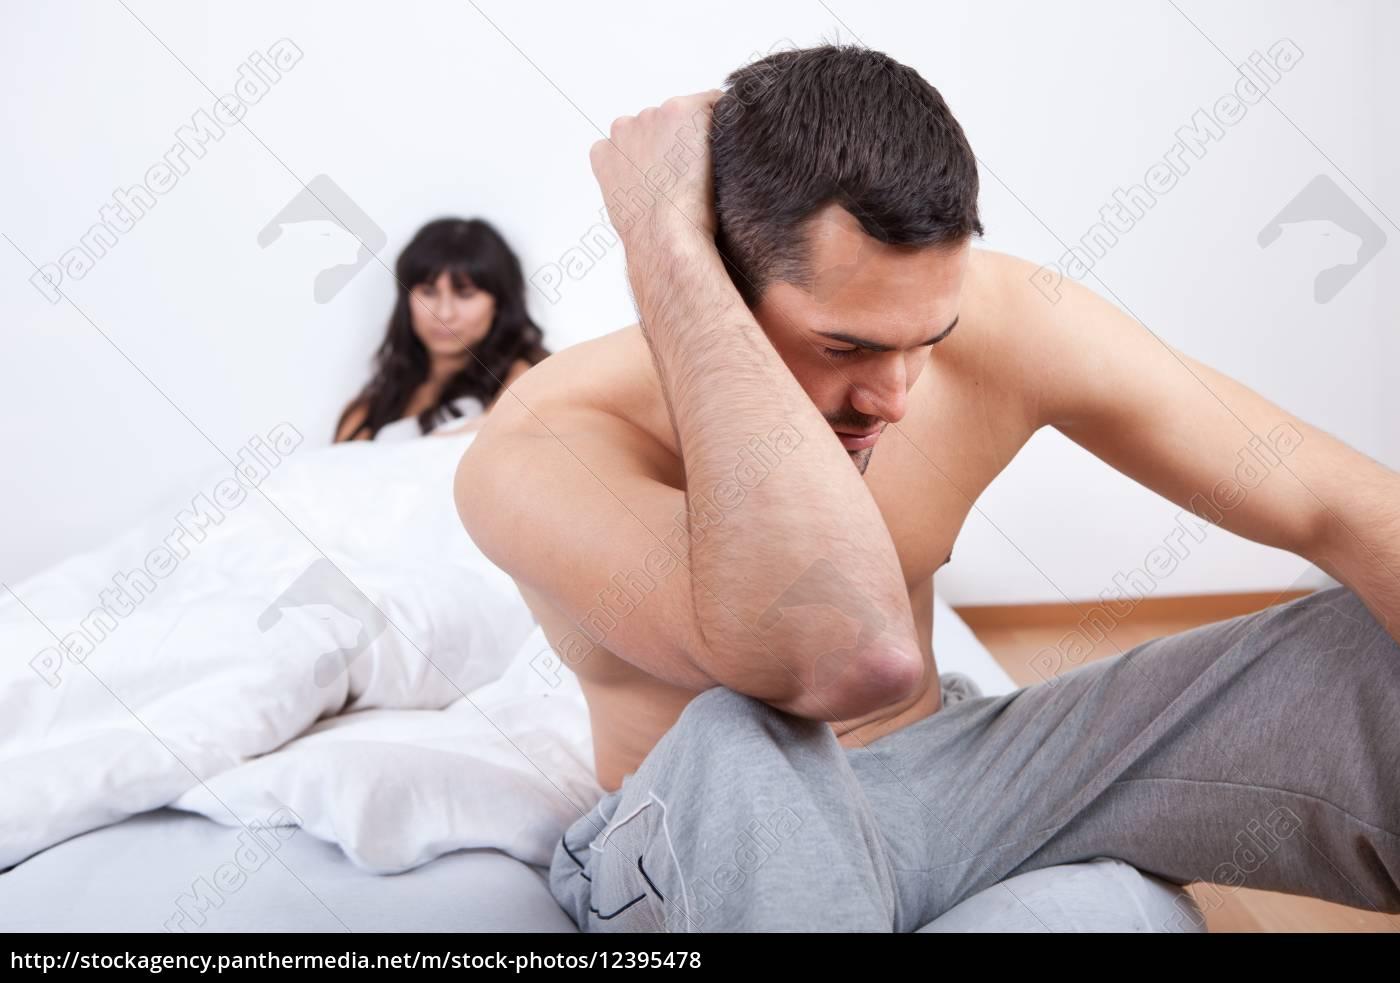 junges, paar, in, streit, zu, hause - 12395478